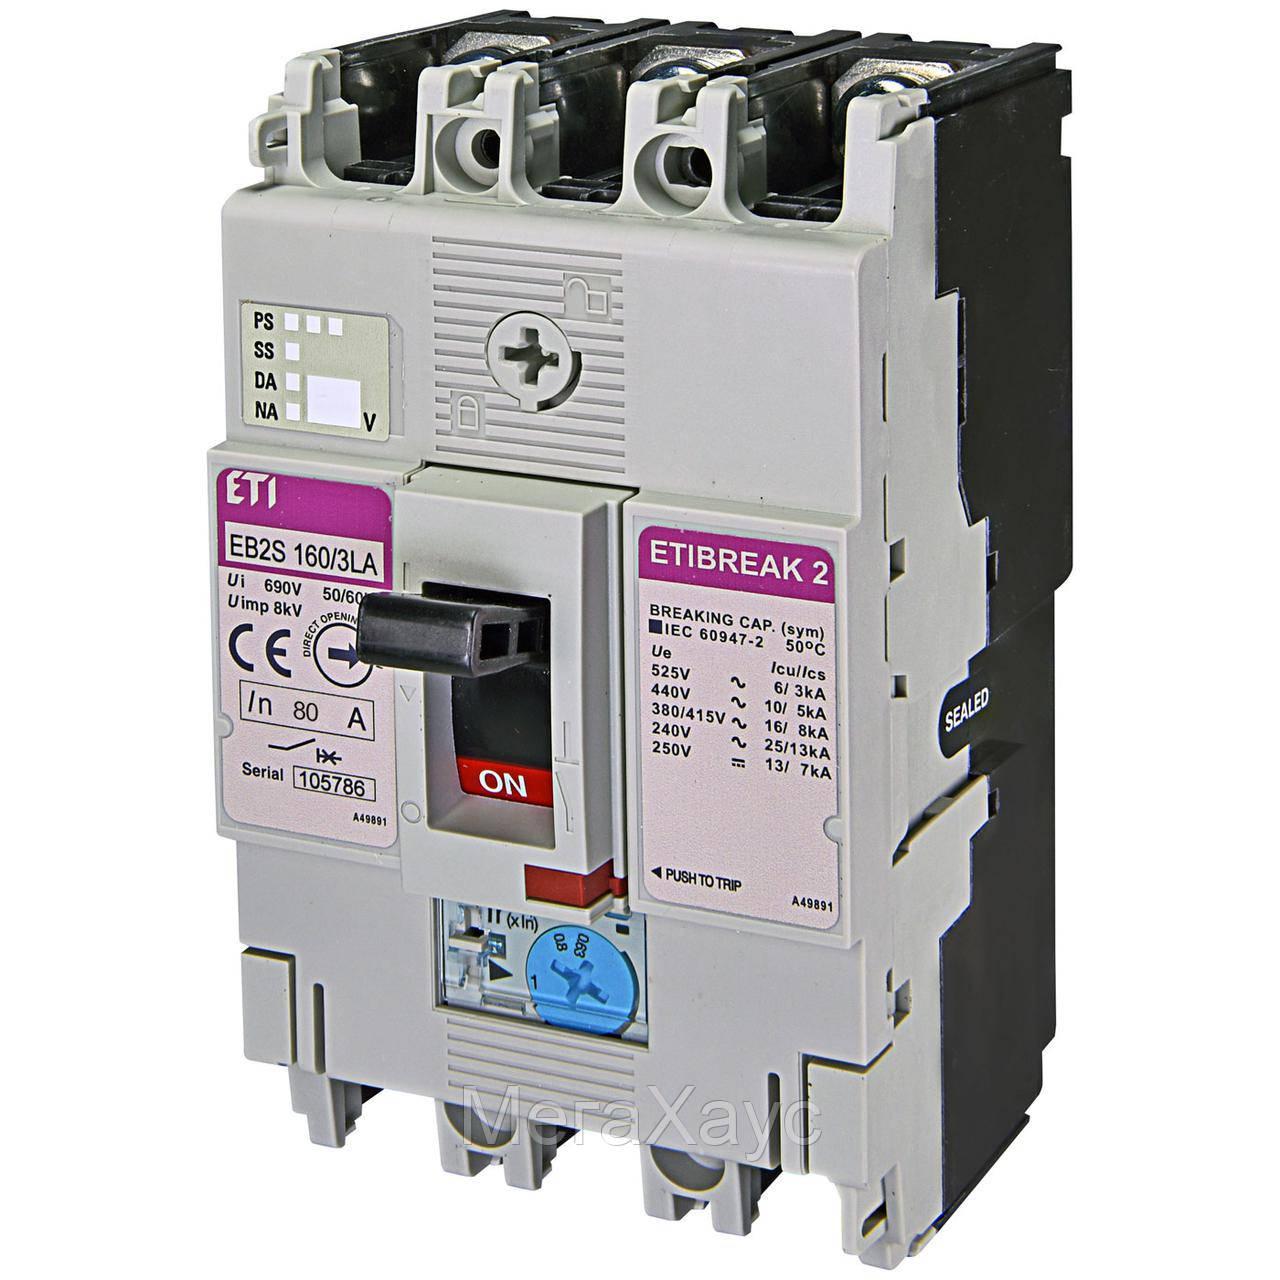 Промышленный автоматический выключатель ETI ETIBREAK EB2S 160/3LA 80А 3P (16kA регулируемый)